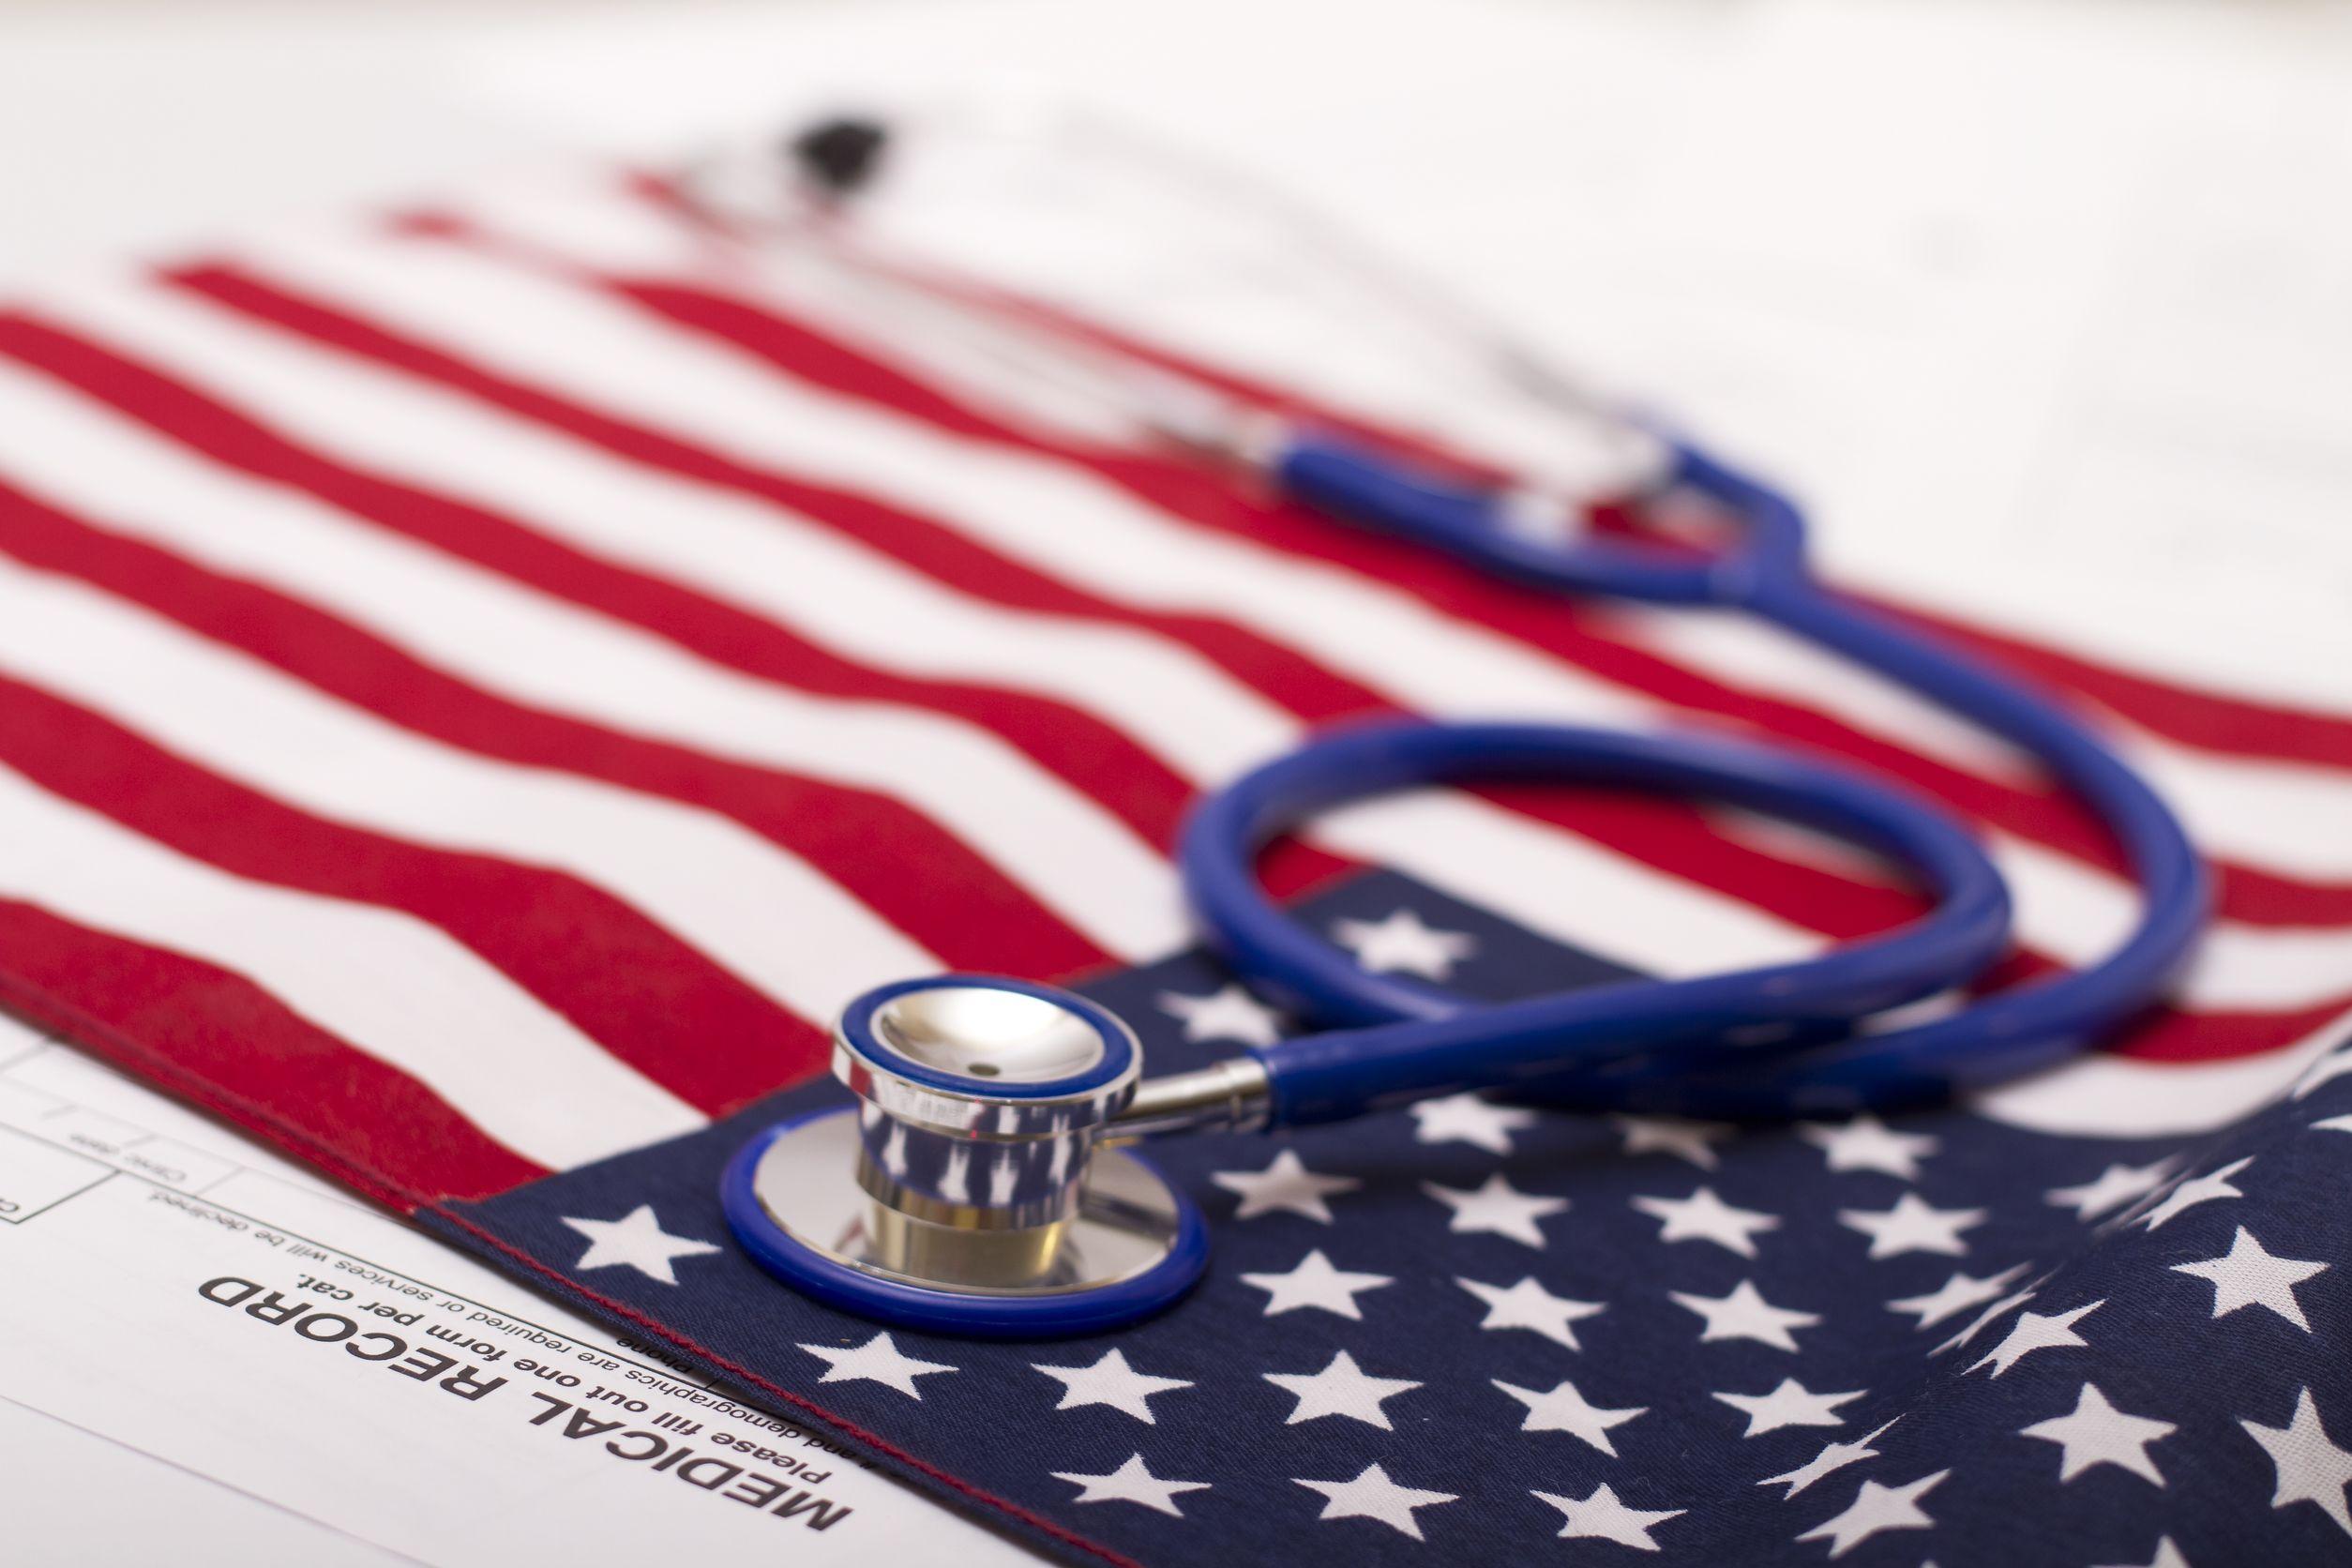 11492200 – stethoscope on a usa flag